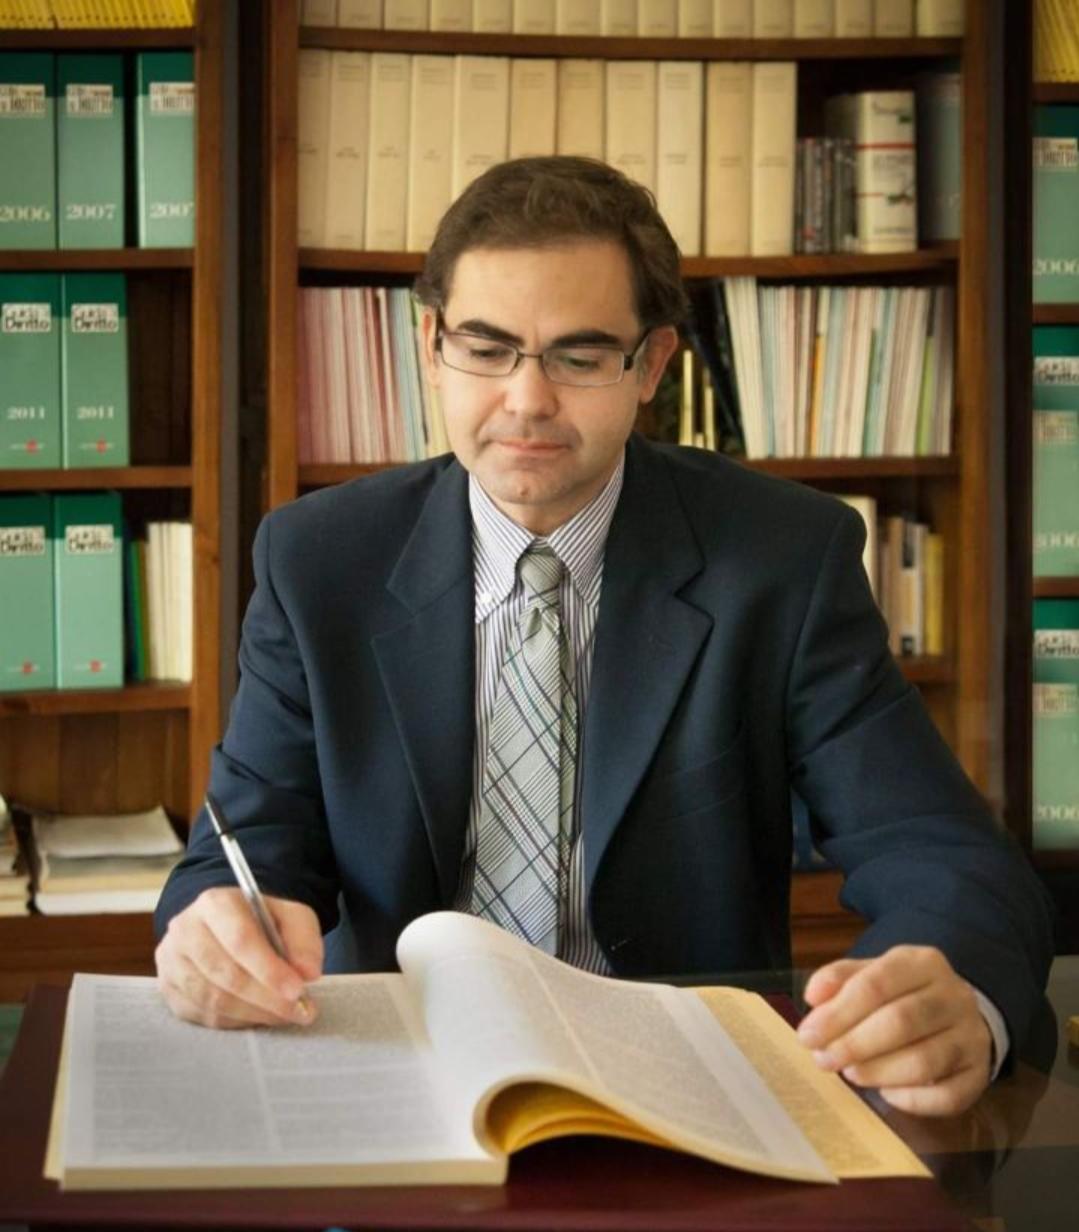 Più tutela per famiglie e minori, l'appello dell'Associazione Nazionale Familiaristi Italiani